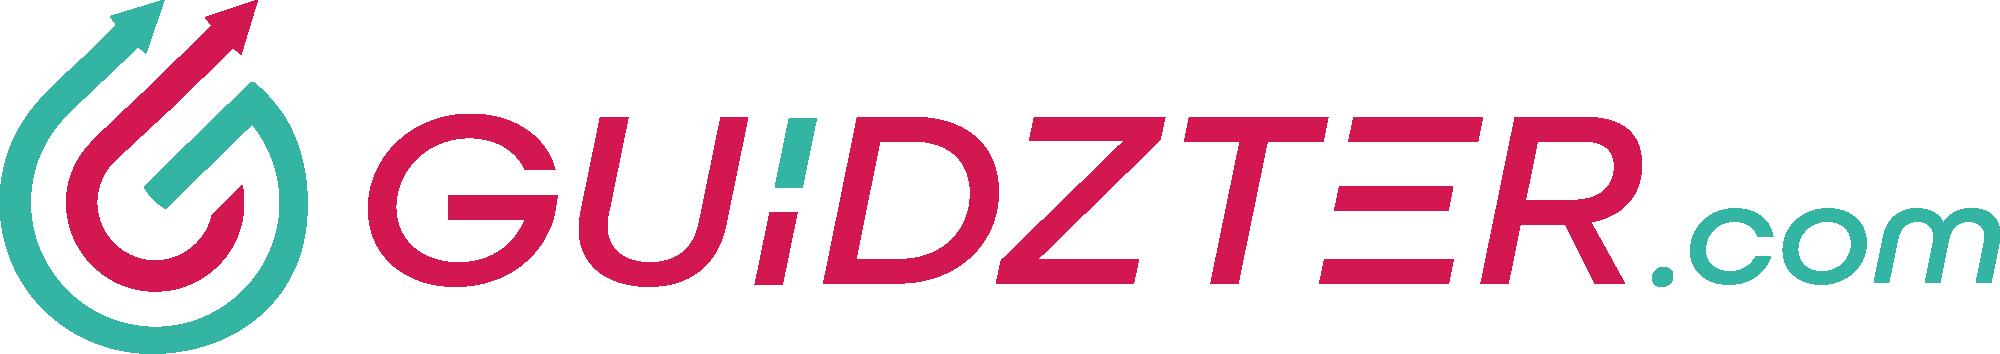 Guidzter logo